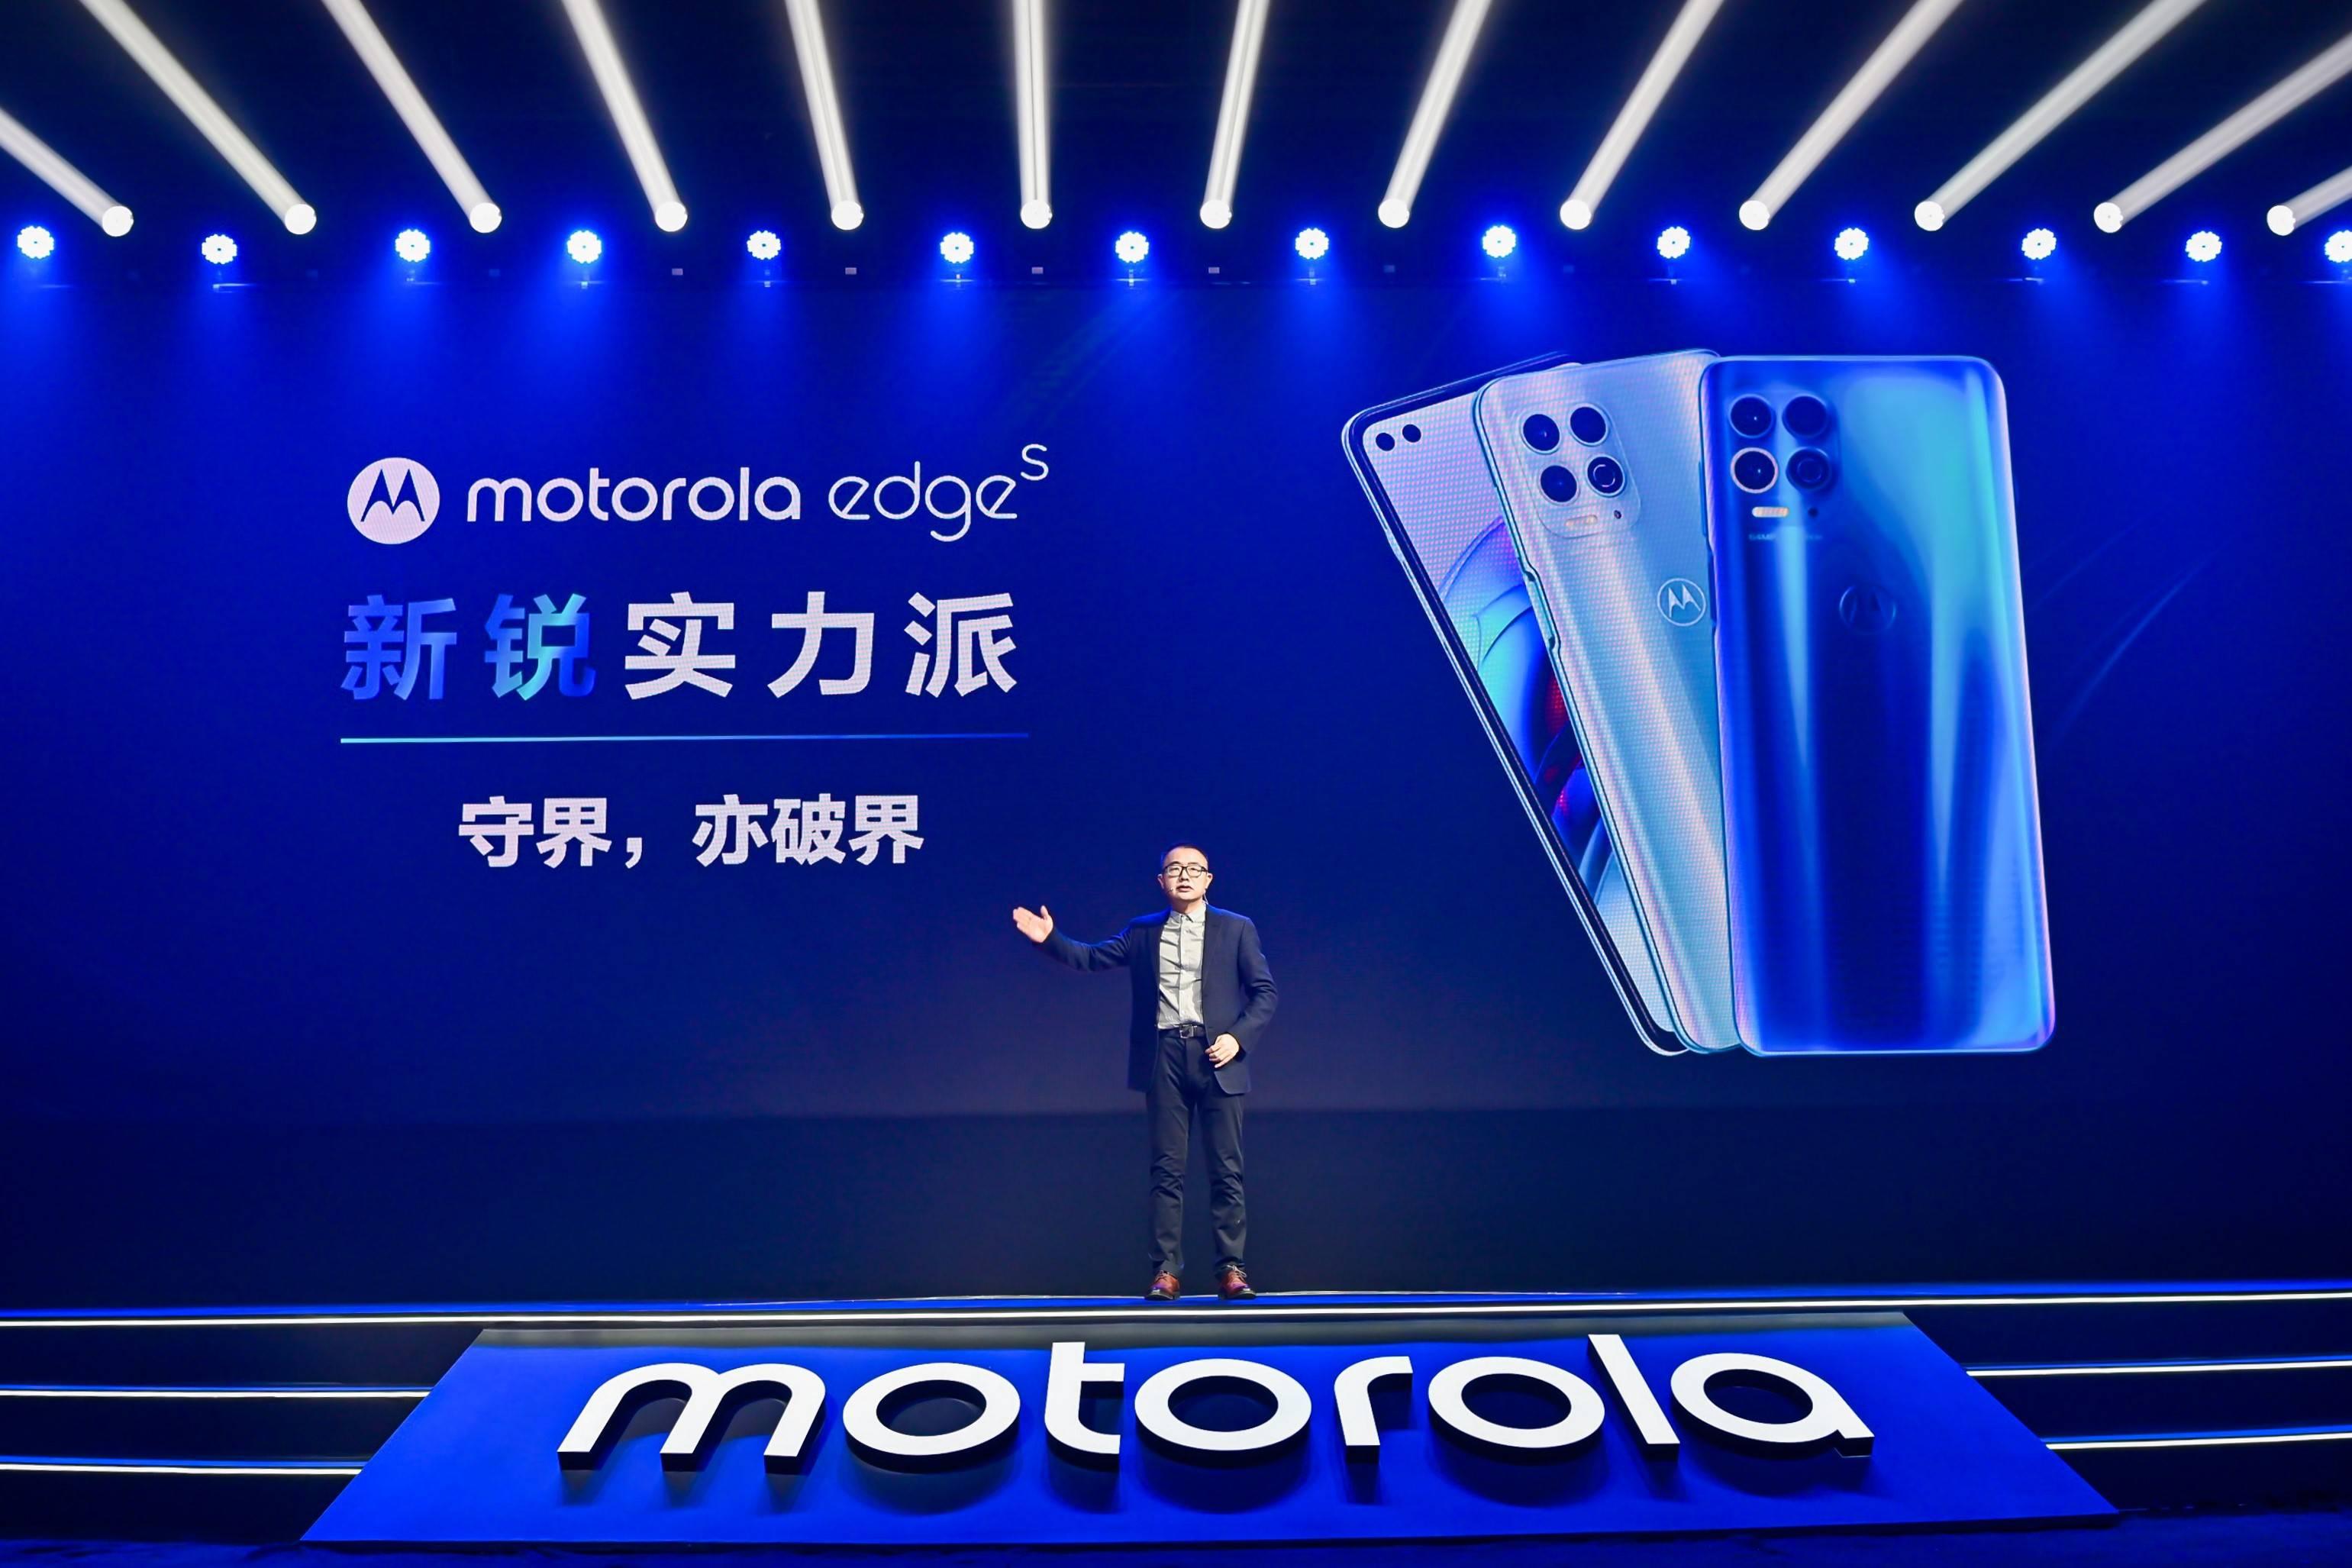 1999元起,新锐实力派motorola edge s发布,全球首发骁龙870处理器